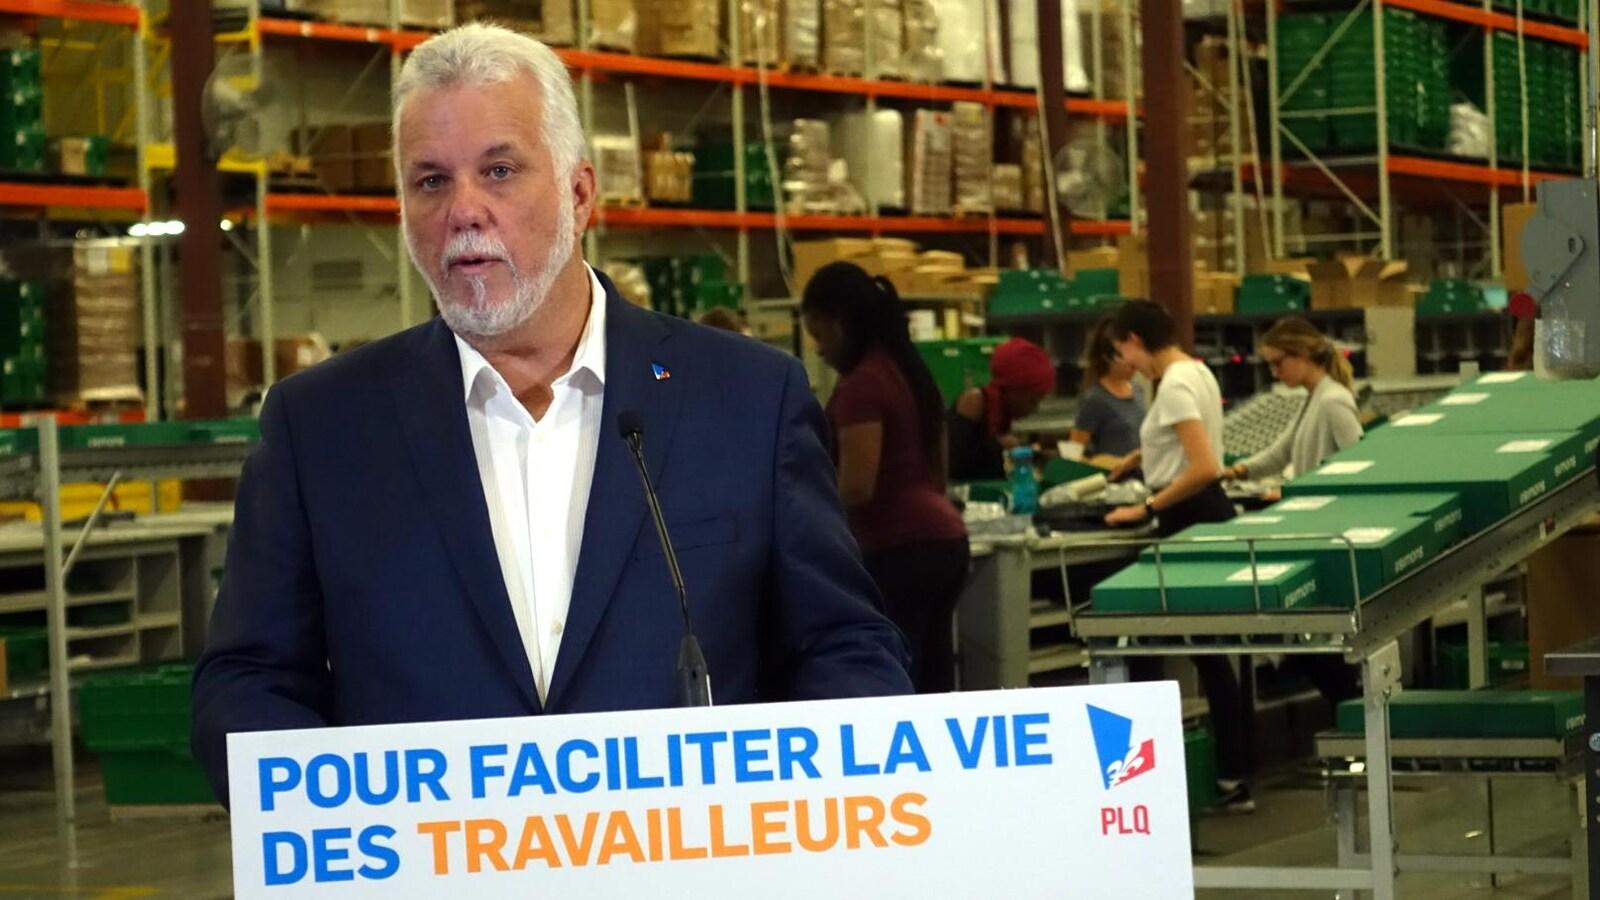 Philippe Couillard fait un point de presse dans le centre de distribution d'un magasin Simons. Des femmes travaillent derrière lui.